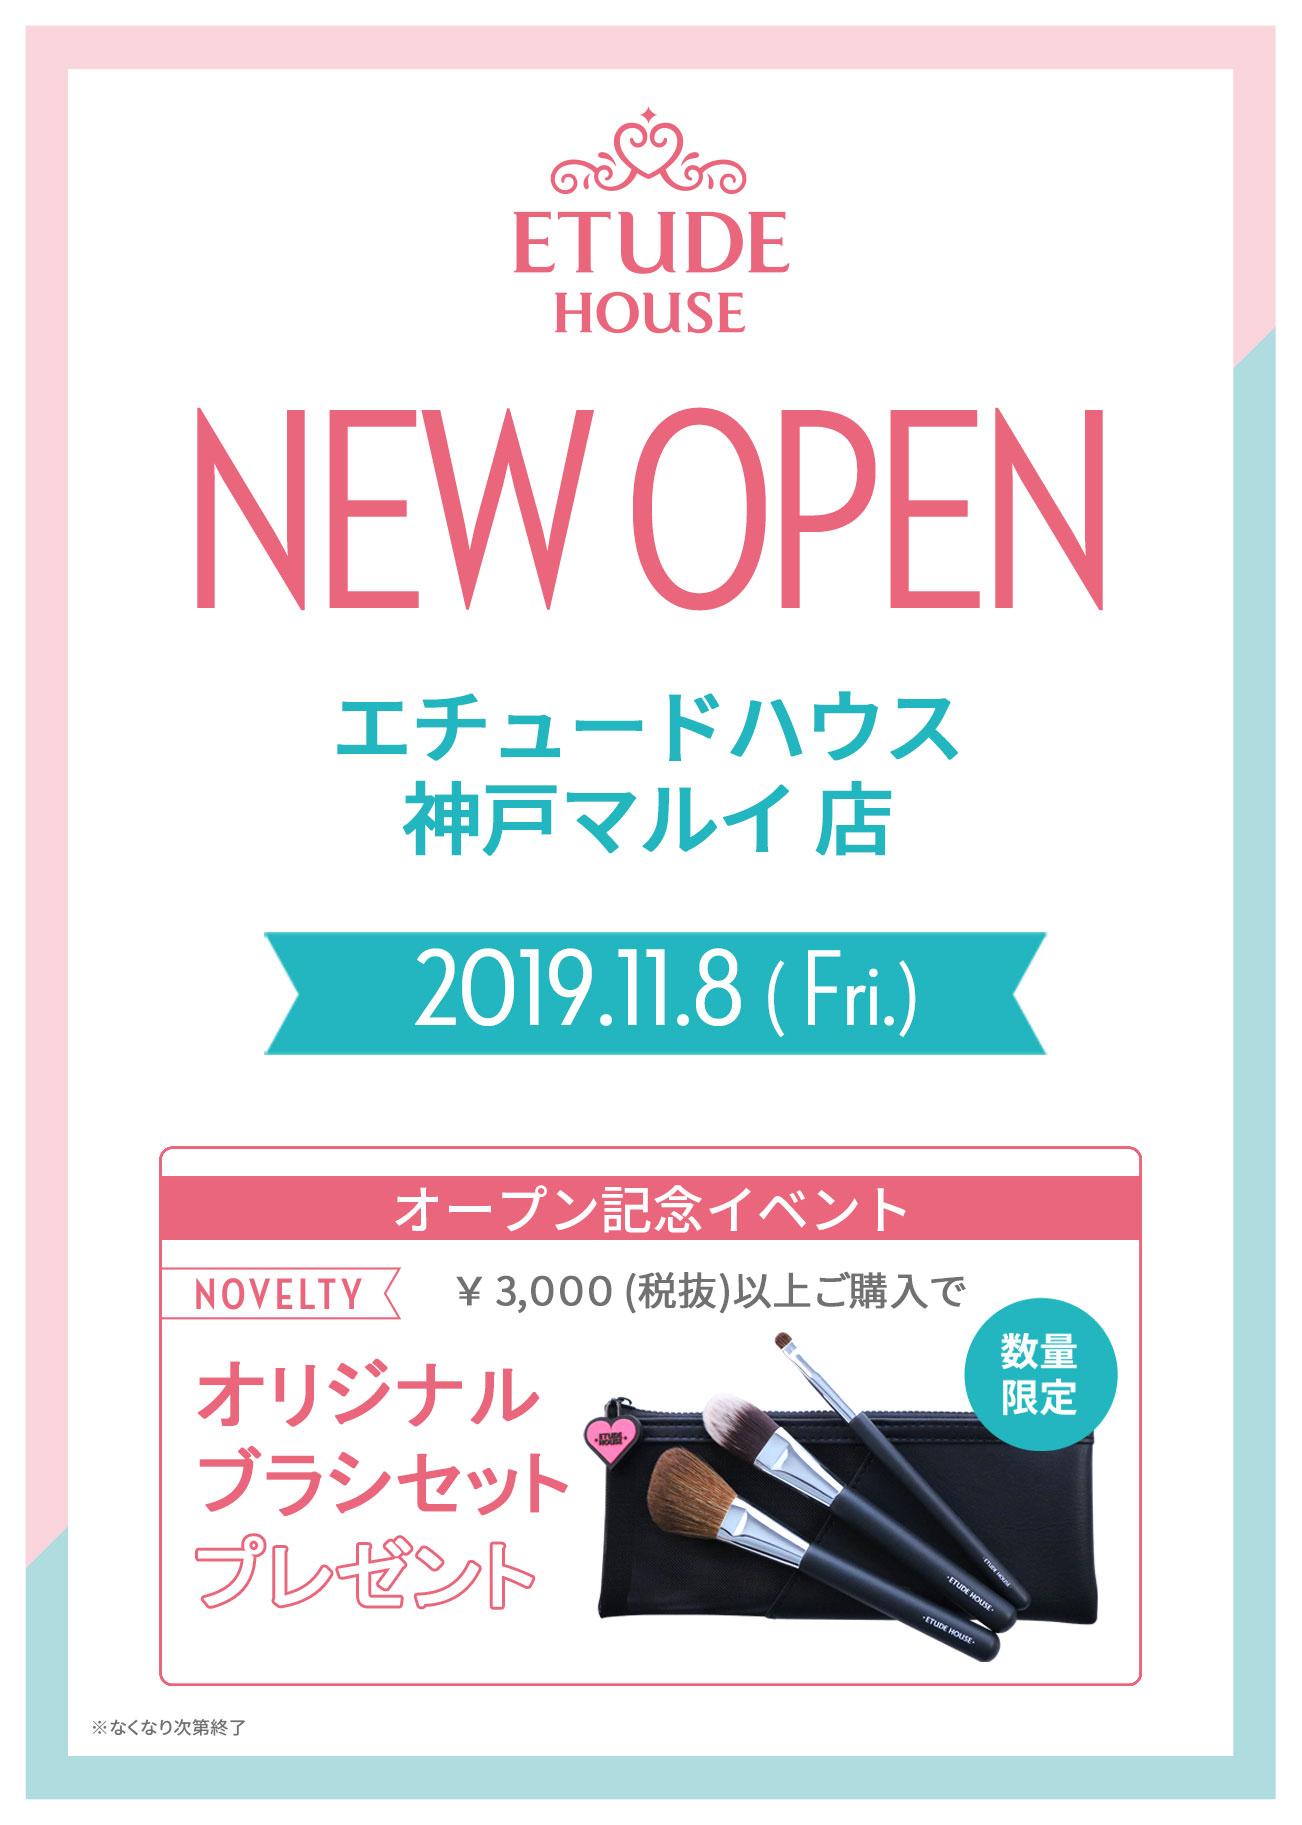 『エチュードハウス 神戸マルイ店 』オープン! イベント詳細ご案内♪